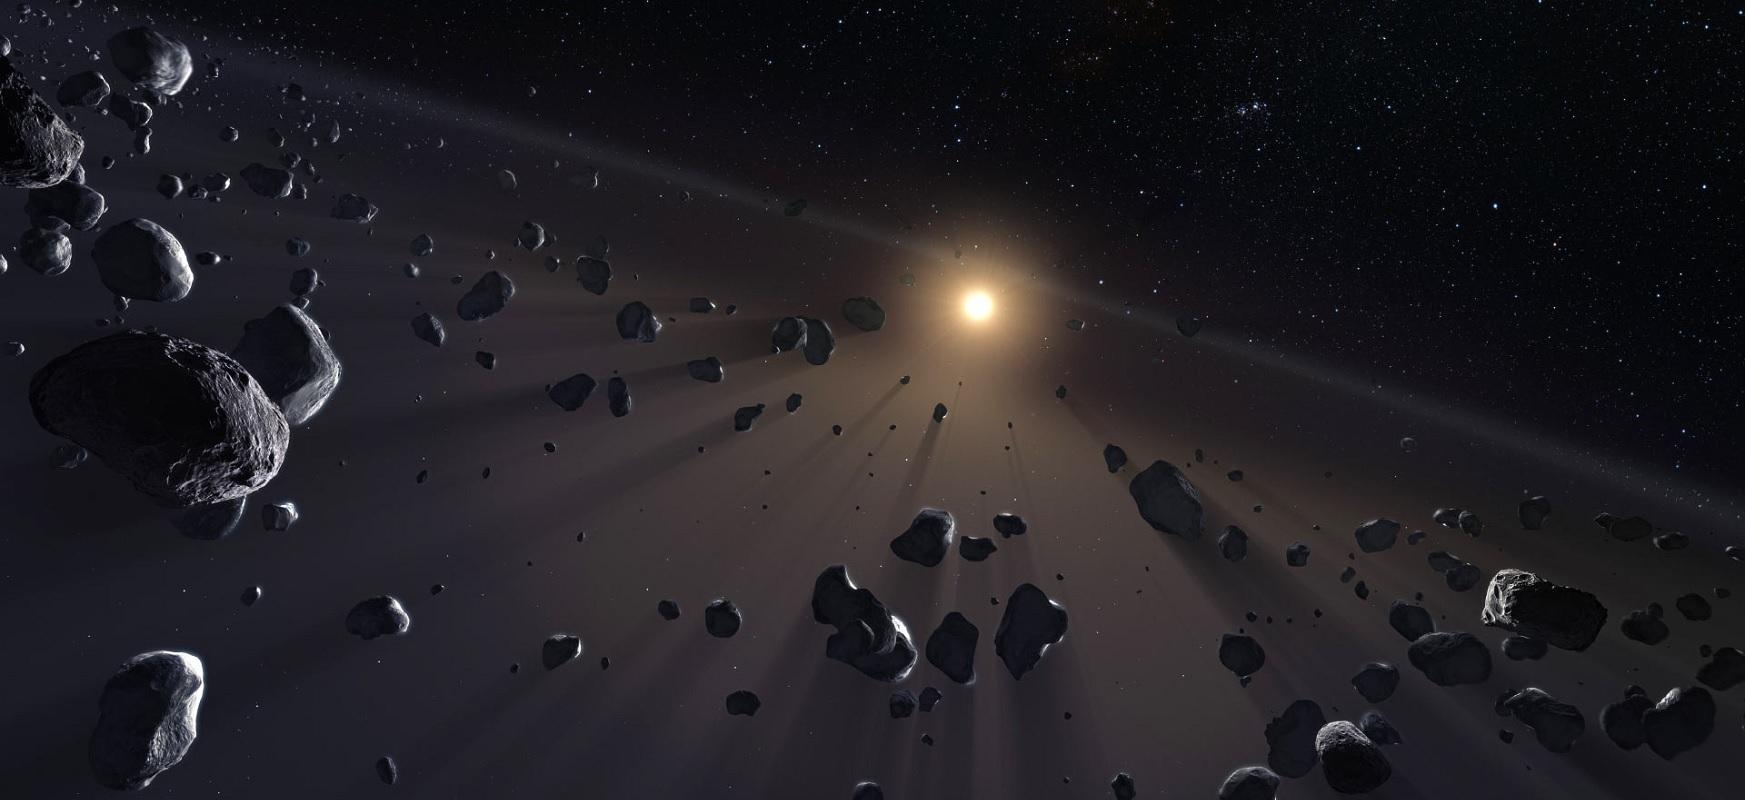 Ikerketa arrakastatsua.  Astronomoek trans-Neptunoren 100 objektu berri aurkitu dituzte